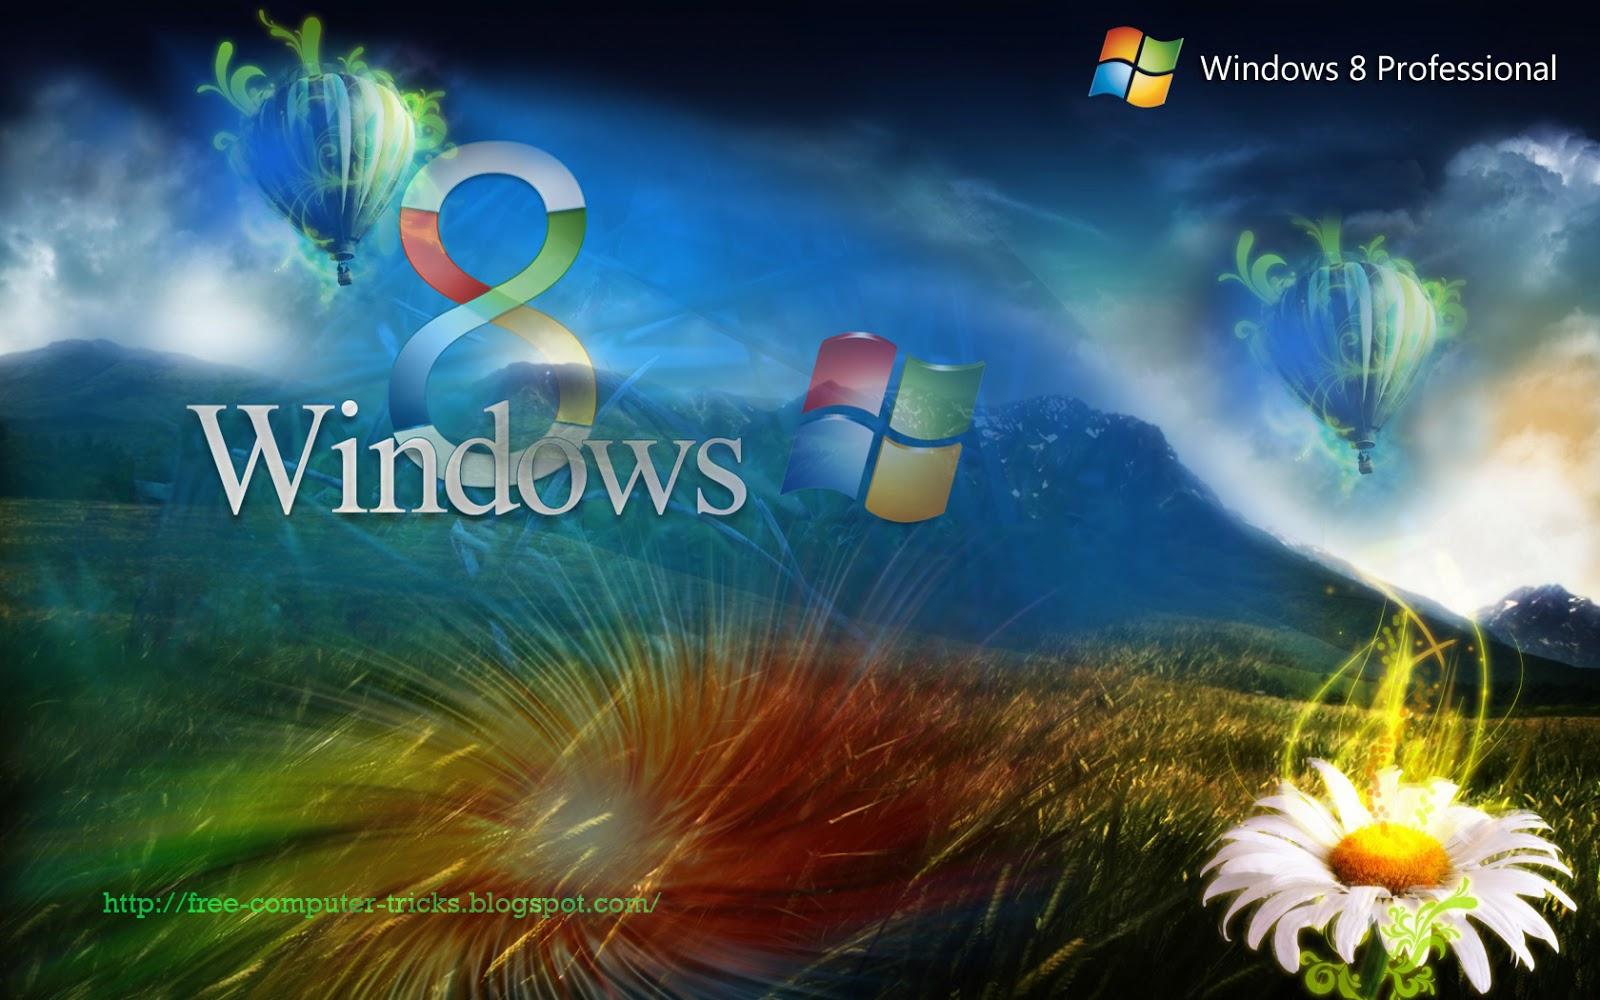 http://3.bp.blogspot.com/-I3lCpsXZ_Go/TqAXsbogZTI/AAAAAAAAA1Q/k6wneros8hw/s1600/Windows+8+Wallpaper+3.jpg